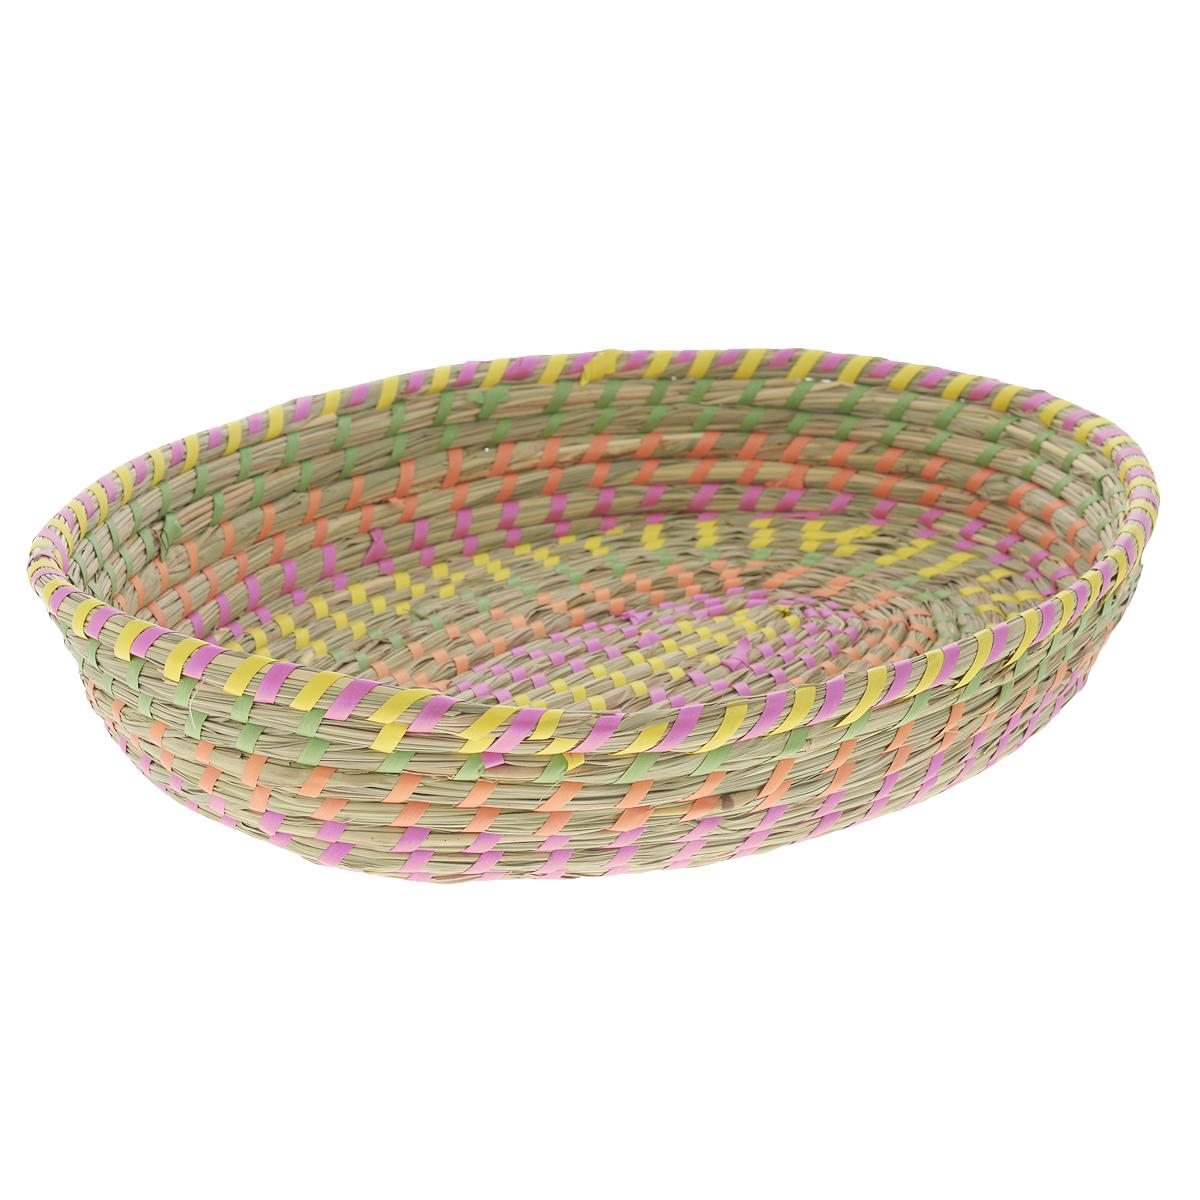 Корзина Zeller, 38 см х 31 см х 6,5 см18032Овальная корзина Zeller изготовлена из натурального плетеного волокна. Она предназначена для хранения фруктов, хлеба, а также мелочей дома или на даче. Позволяет хранить мелкие вещи, исключая возможность их потери. Корзина очень вместительная. Элегантный выдержанный дизайн позволяет органично вписаться в ваш интерьер и стать его элементом. Материал: натуральное волокно.